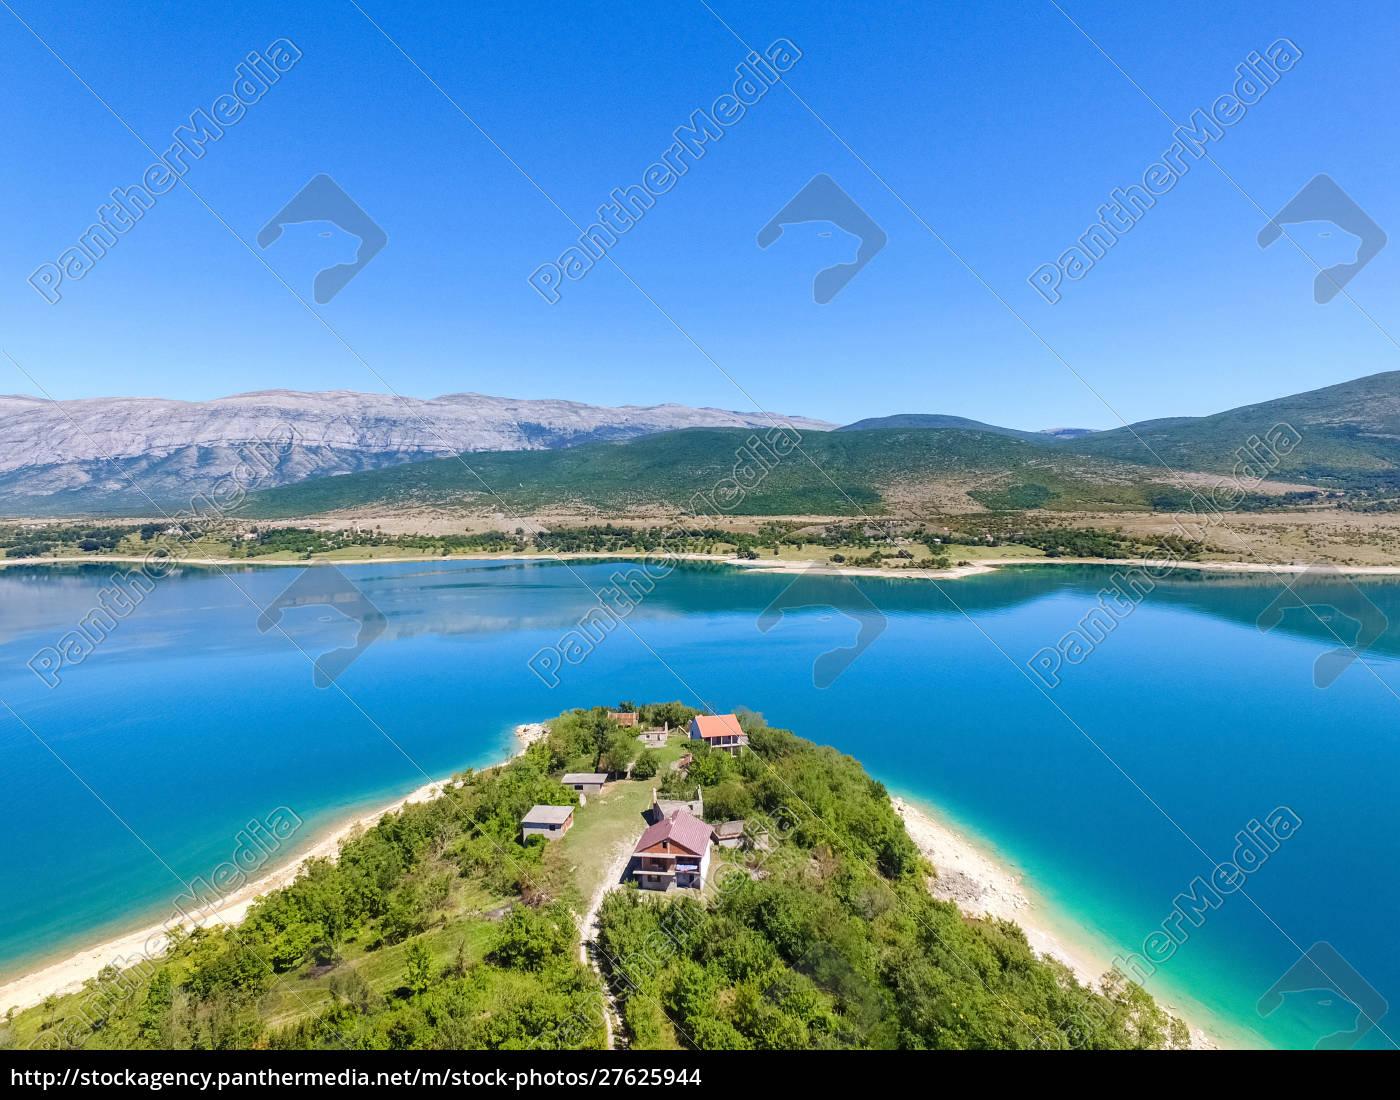 vista, aérea, do, lago, peruca, segundo, maior - 27625944